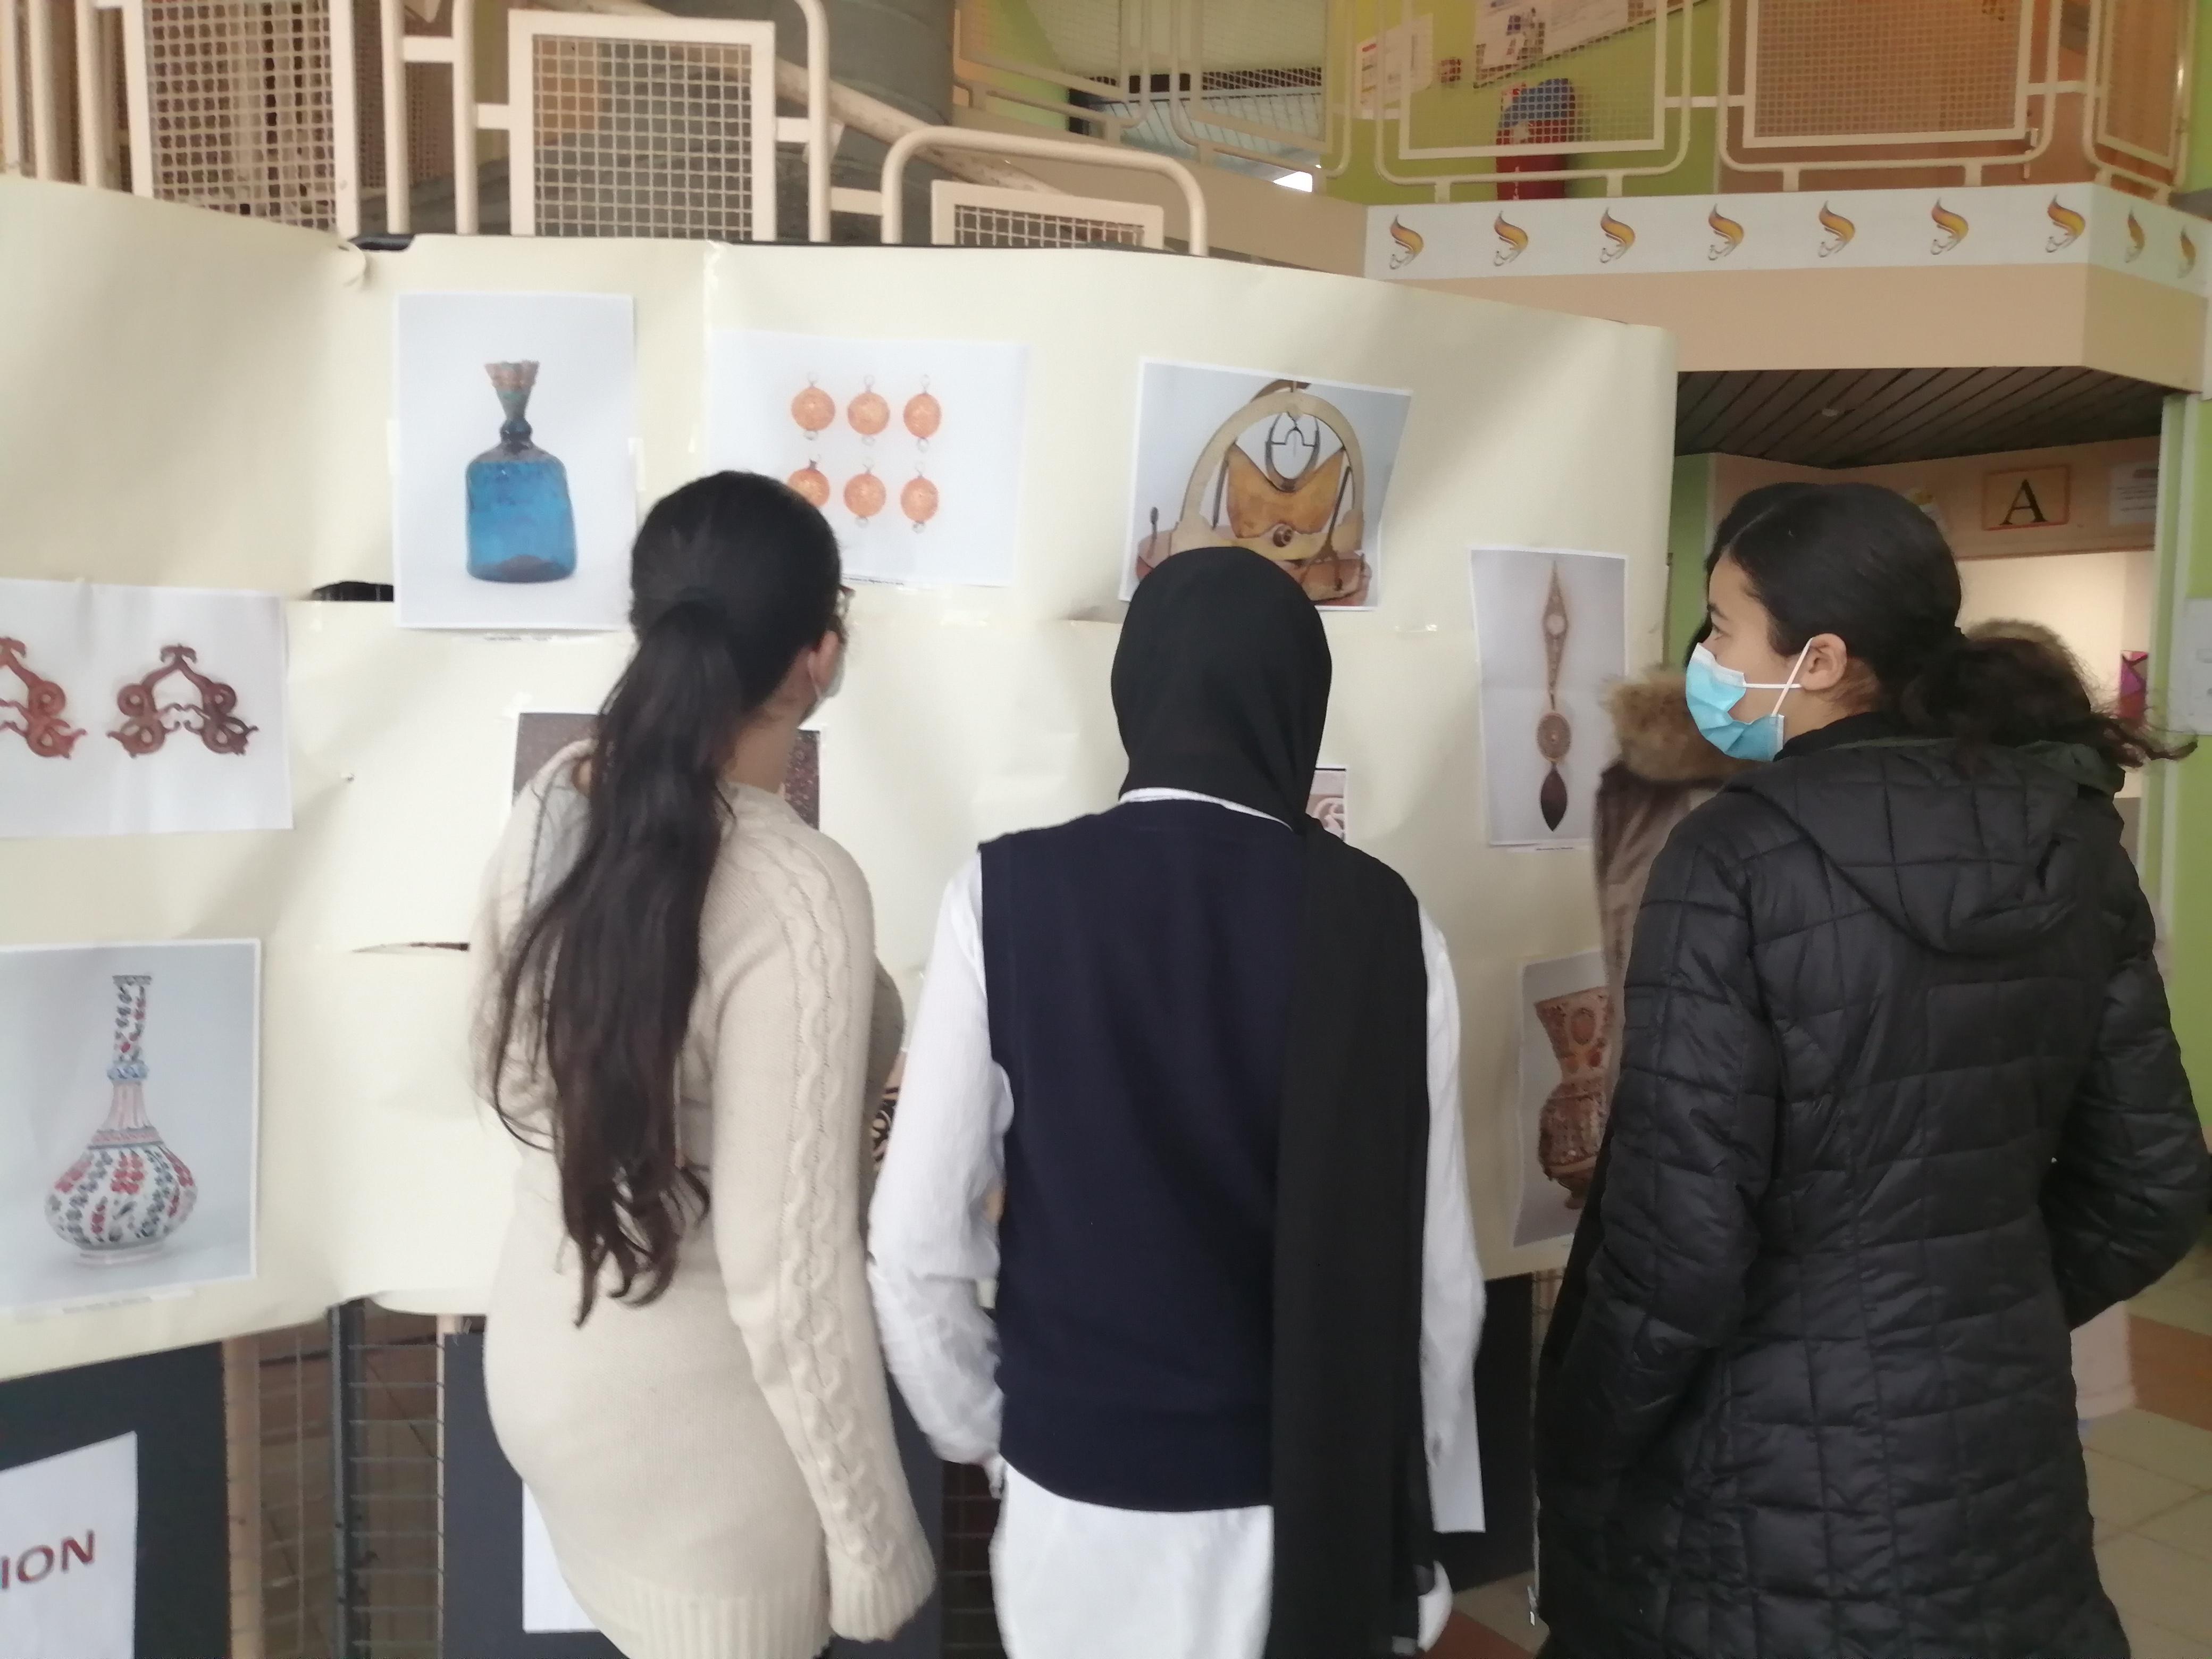 Des collégiennes admirant les pièces artistiques